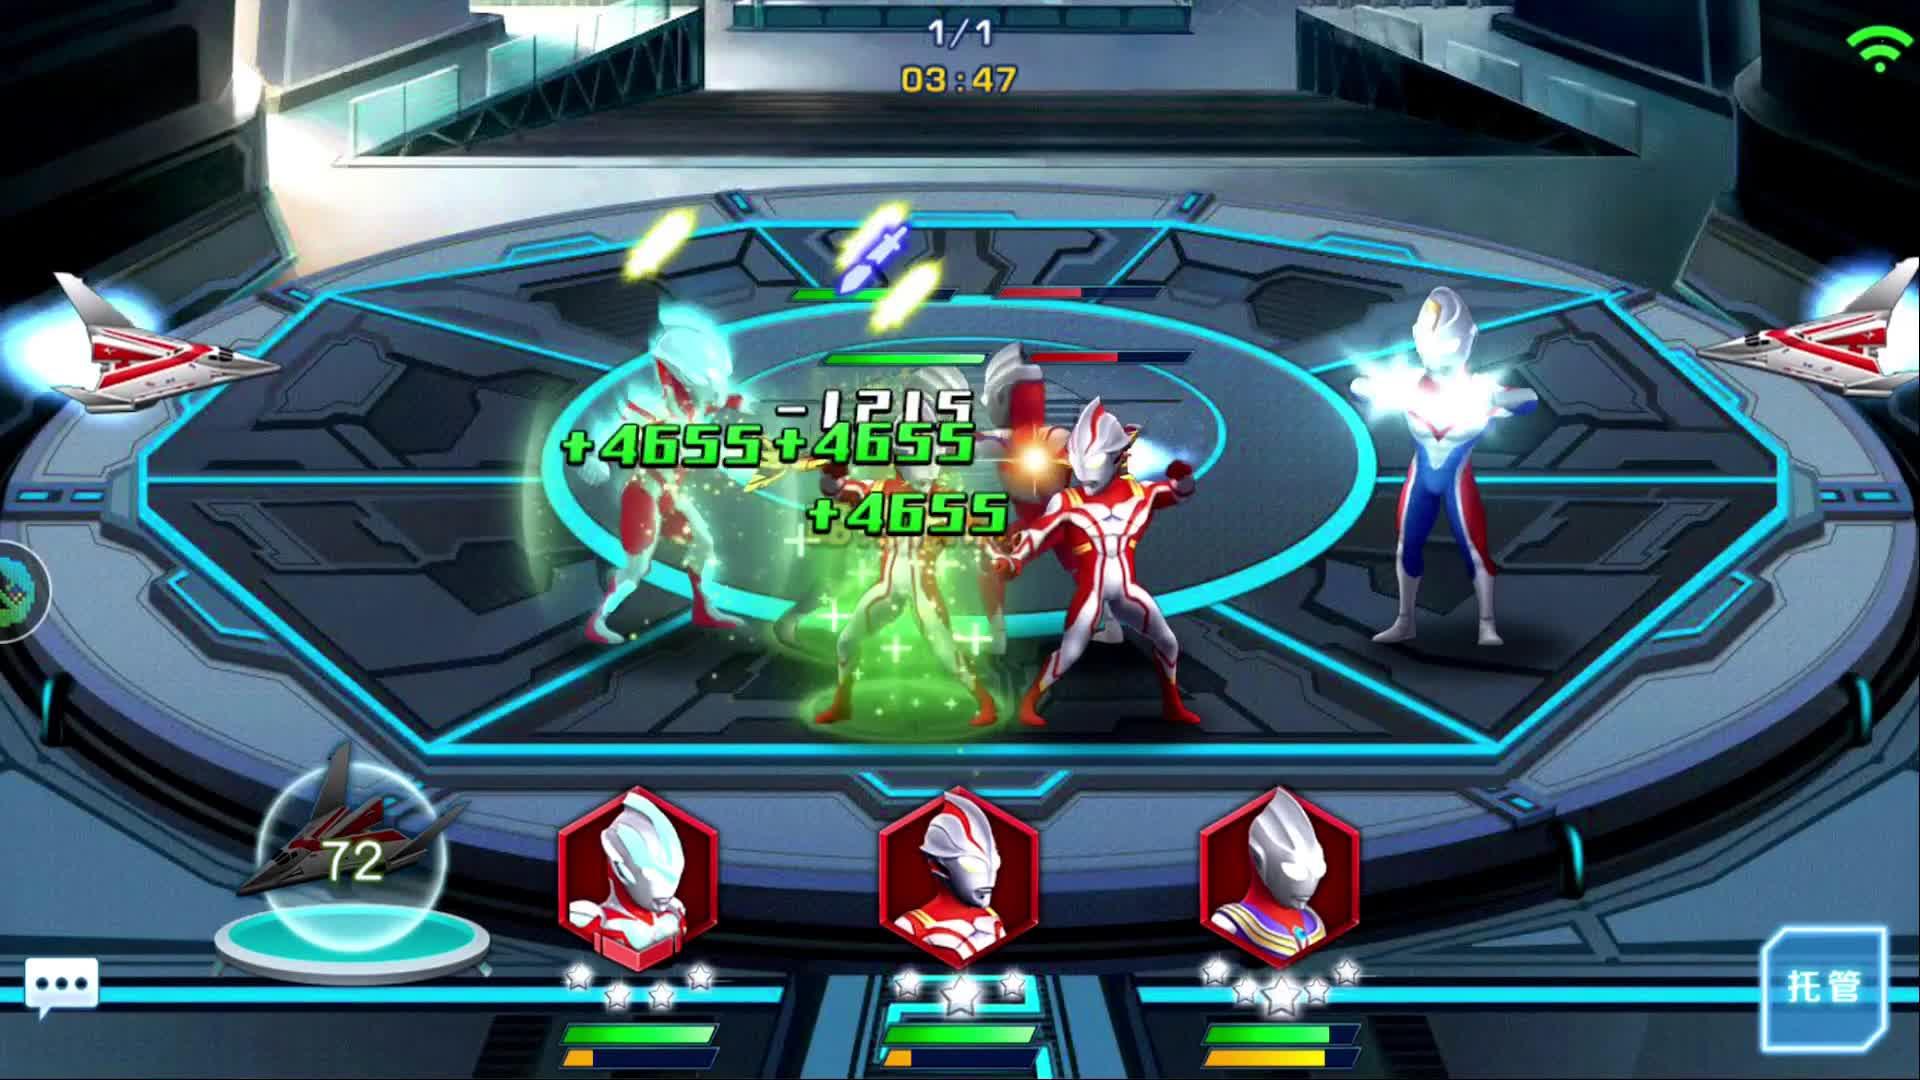 奥特曼英雄归来第211期:挑战地狱模式的基阿库达手机游戏